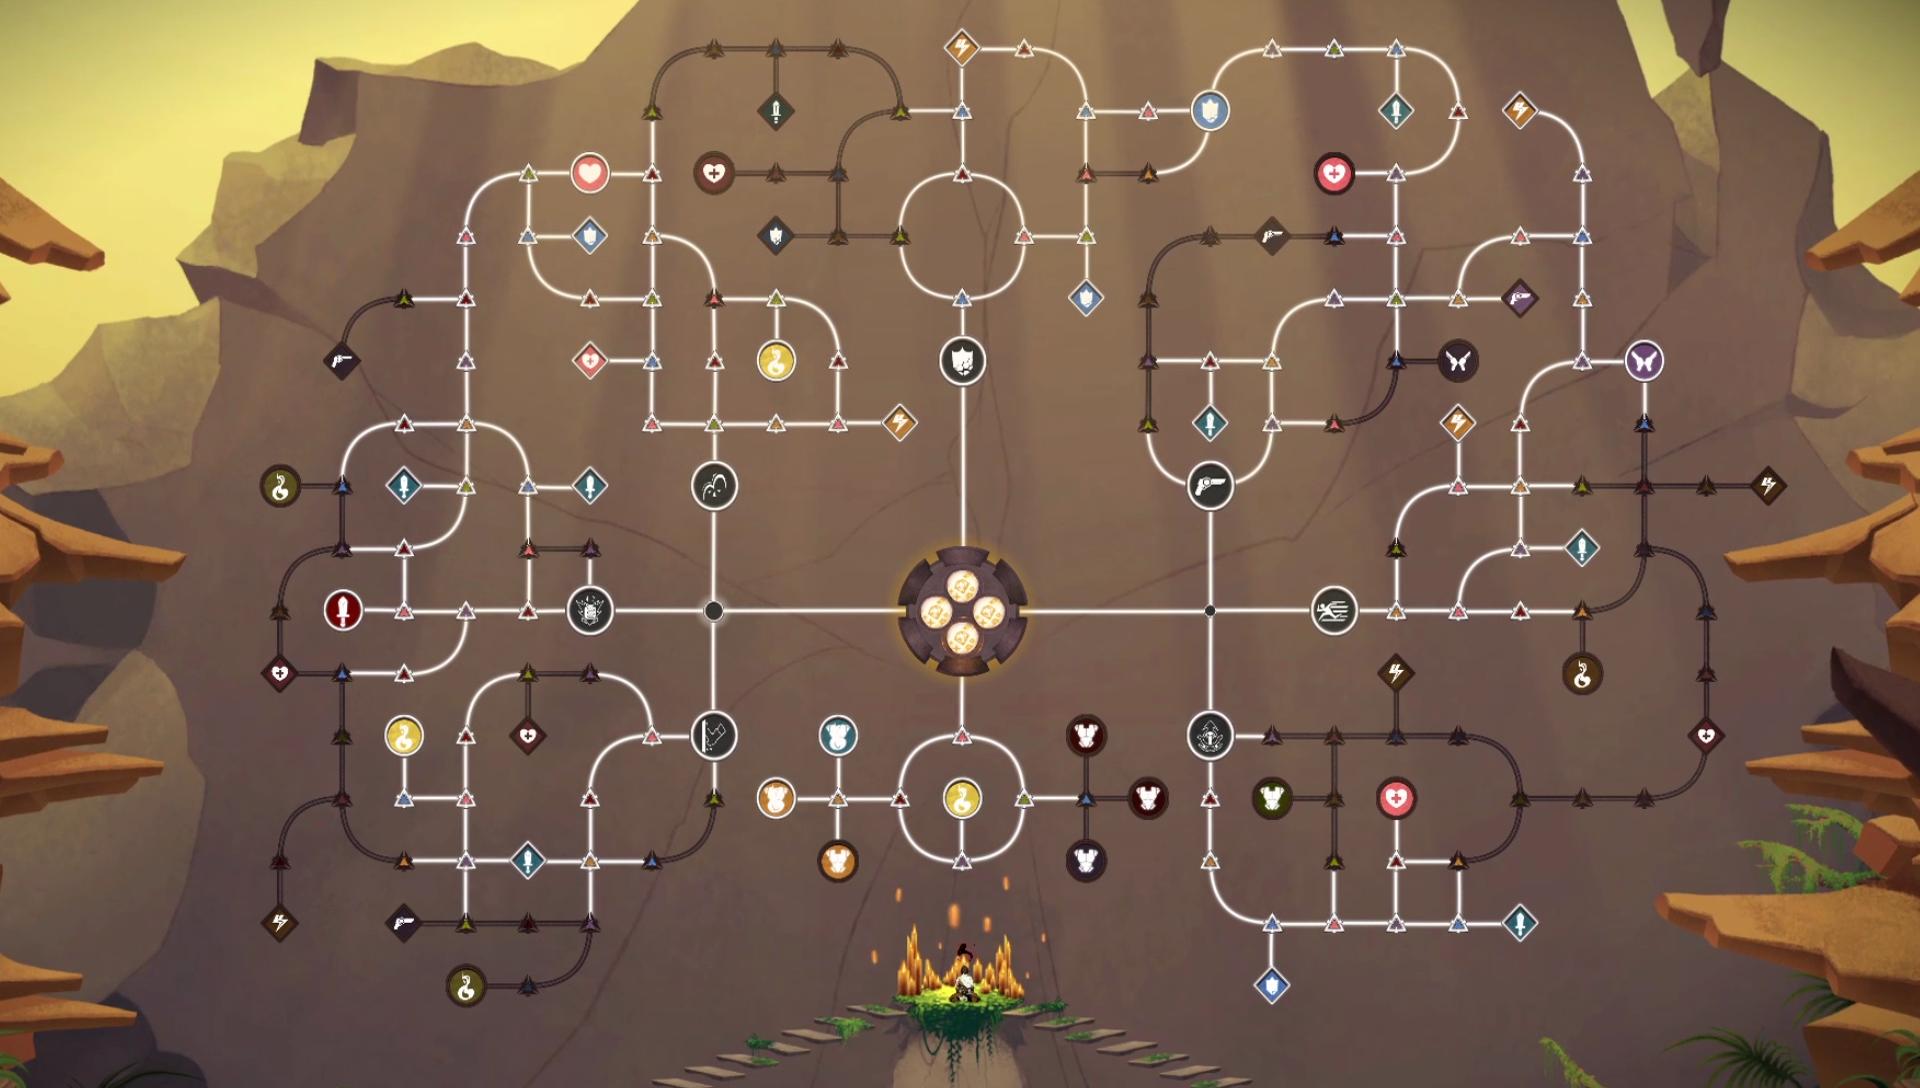 Árvore do Trapezoedro de Sundered, jogo da Thunder Lotus Games, jogo metroidvania inspirado em Lovecraft